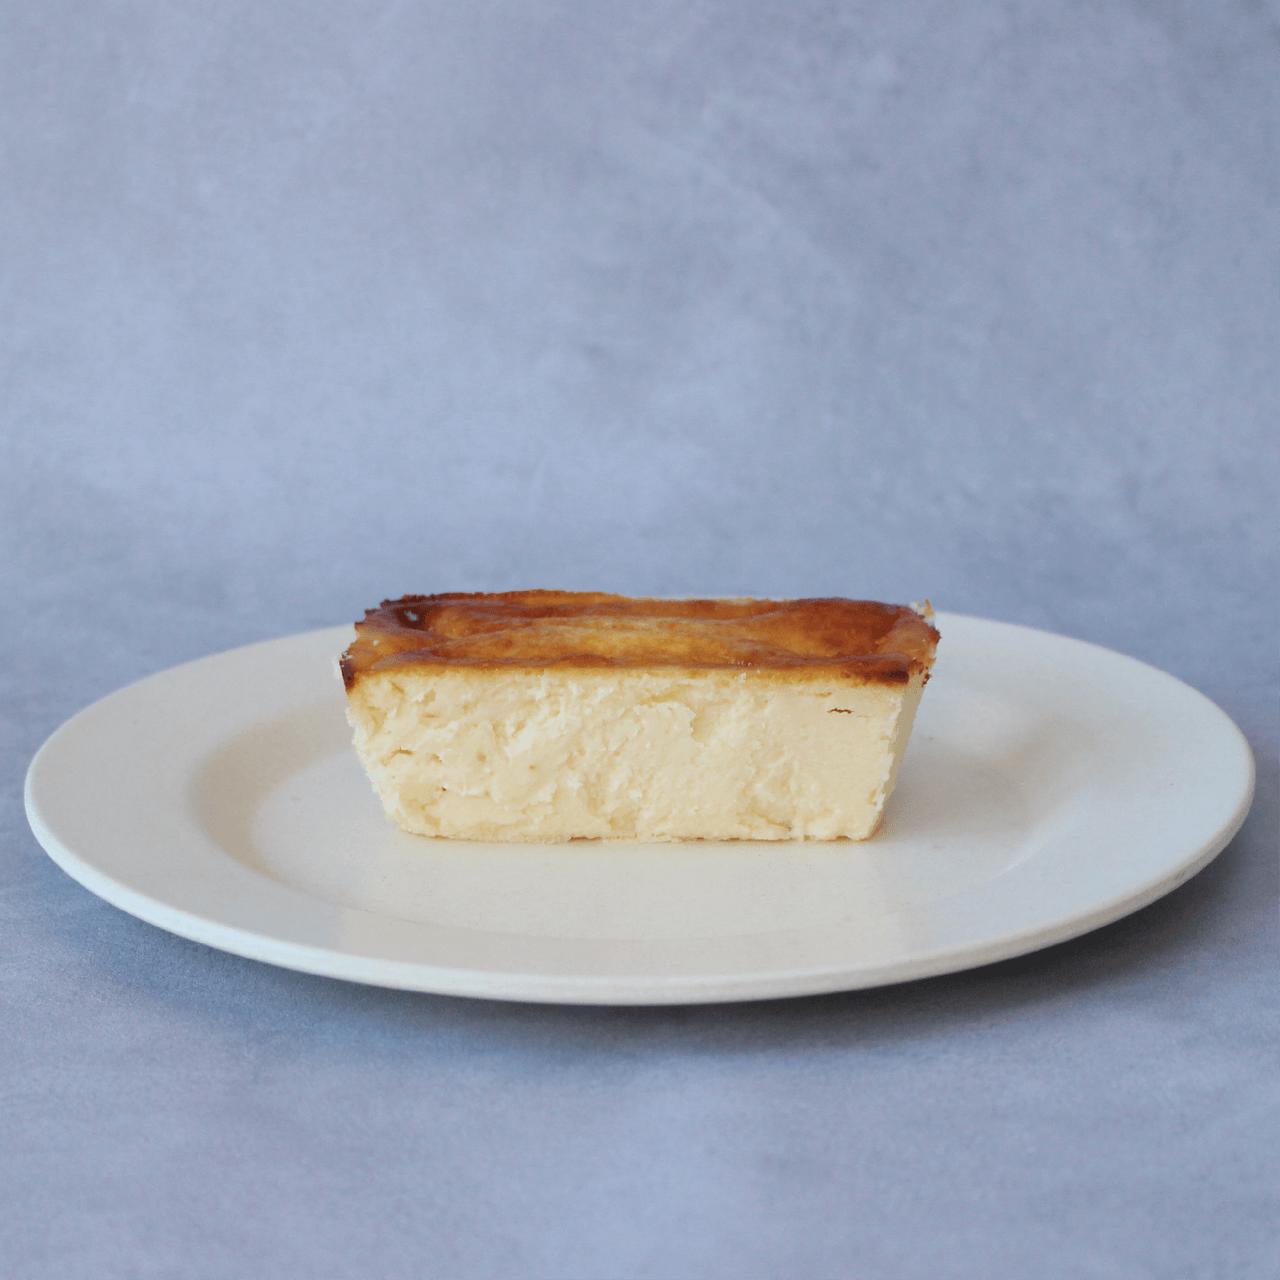 東京えんとつのメルボルン発クラシックチーズケーキ